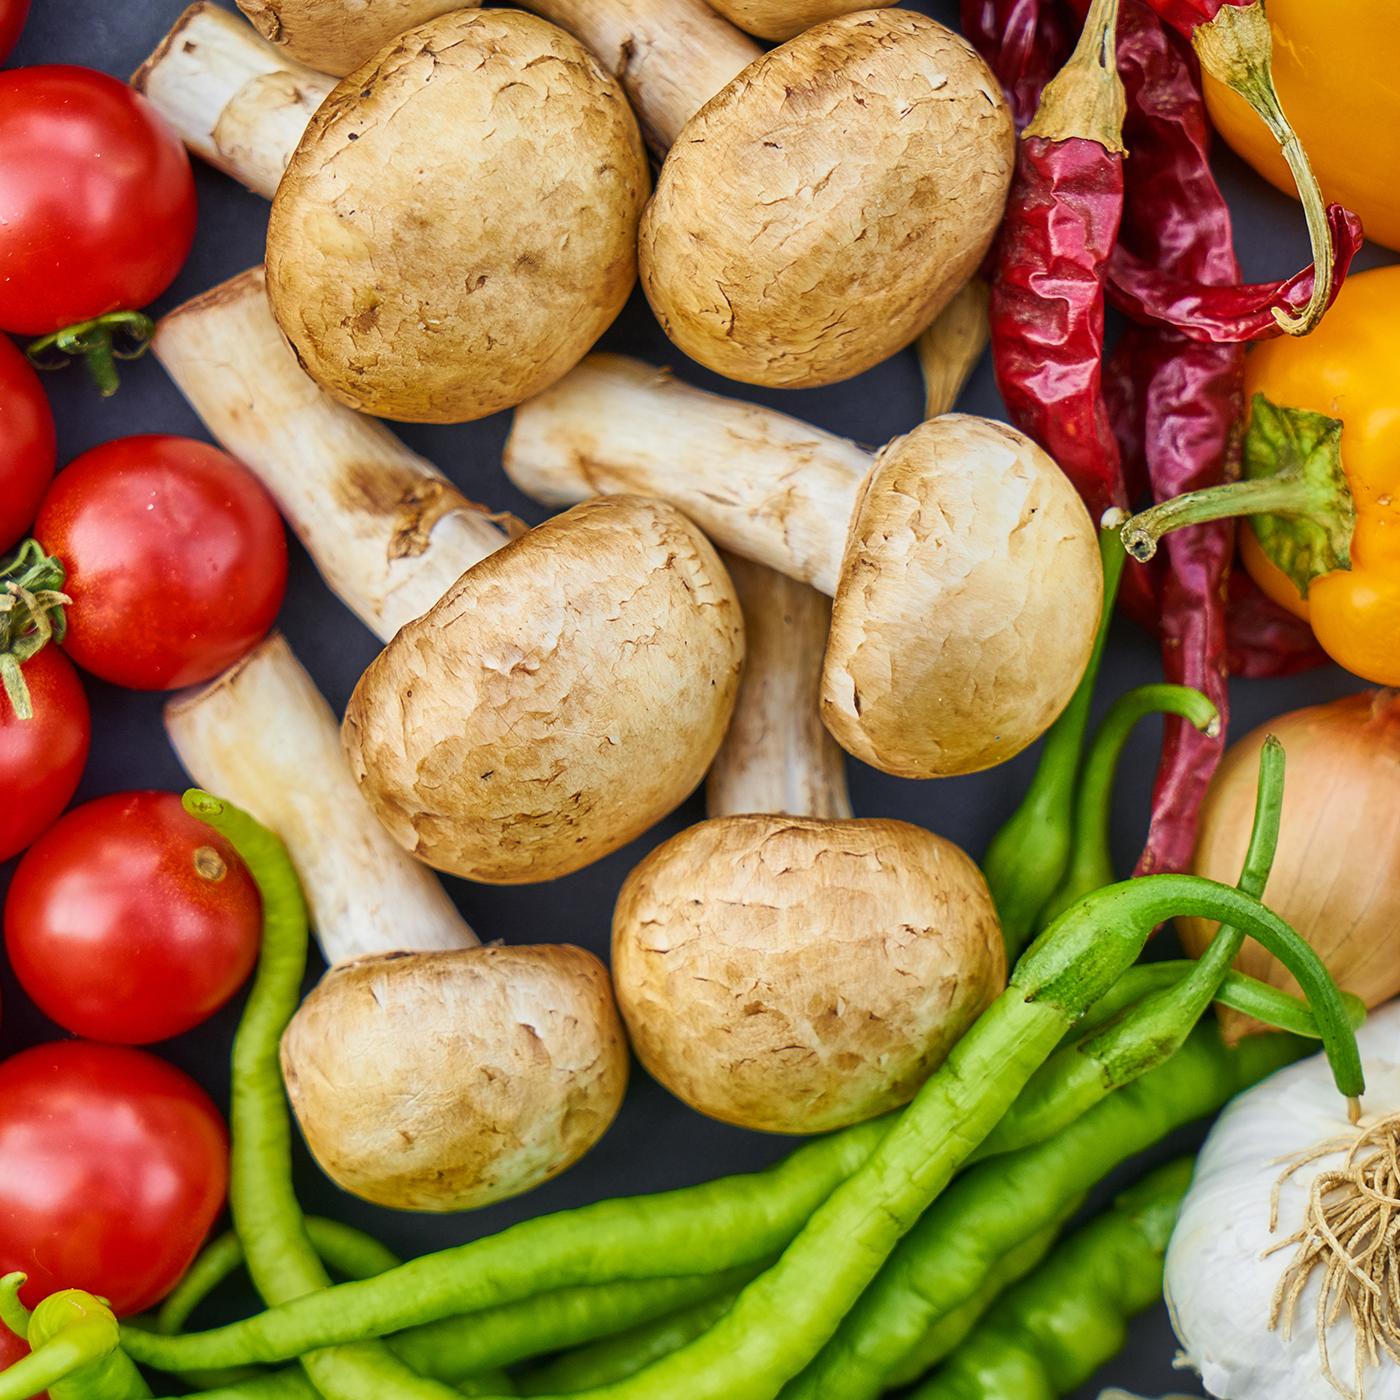 การเลือกวัตถุดิบทำอาหารสำหรับธุรกิจร้านอาหารควรเลือกอย่างไร